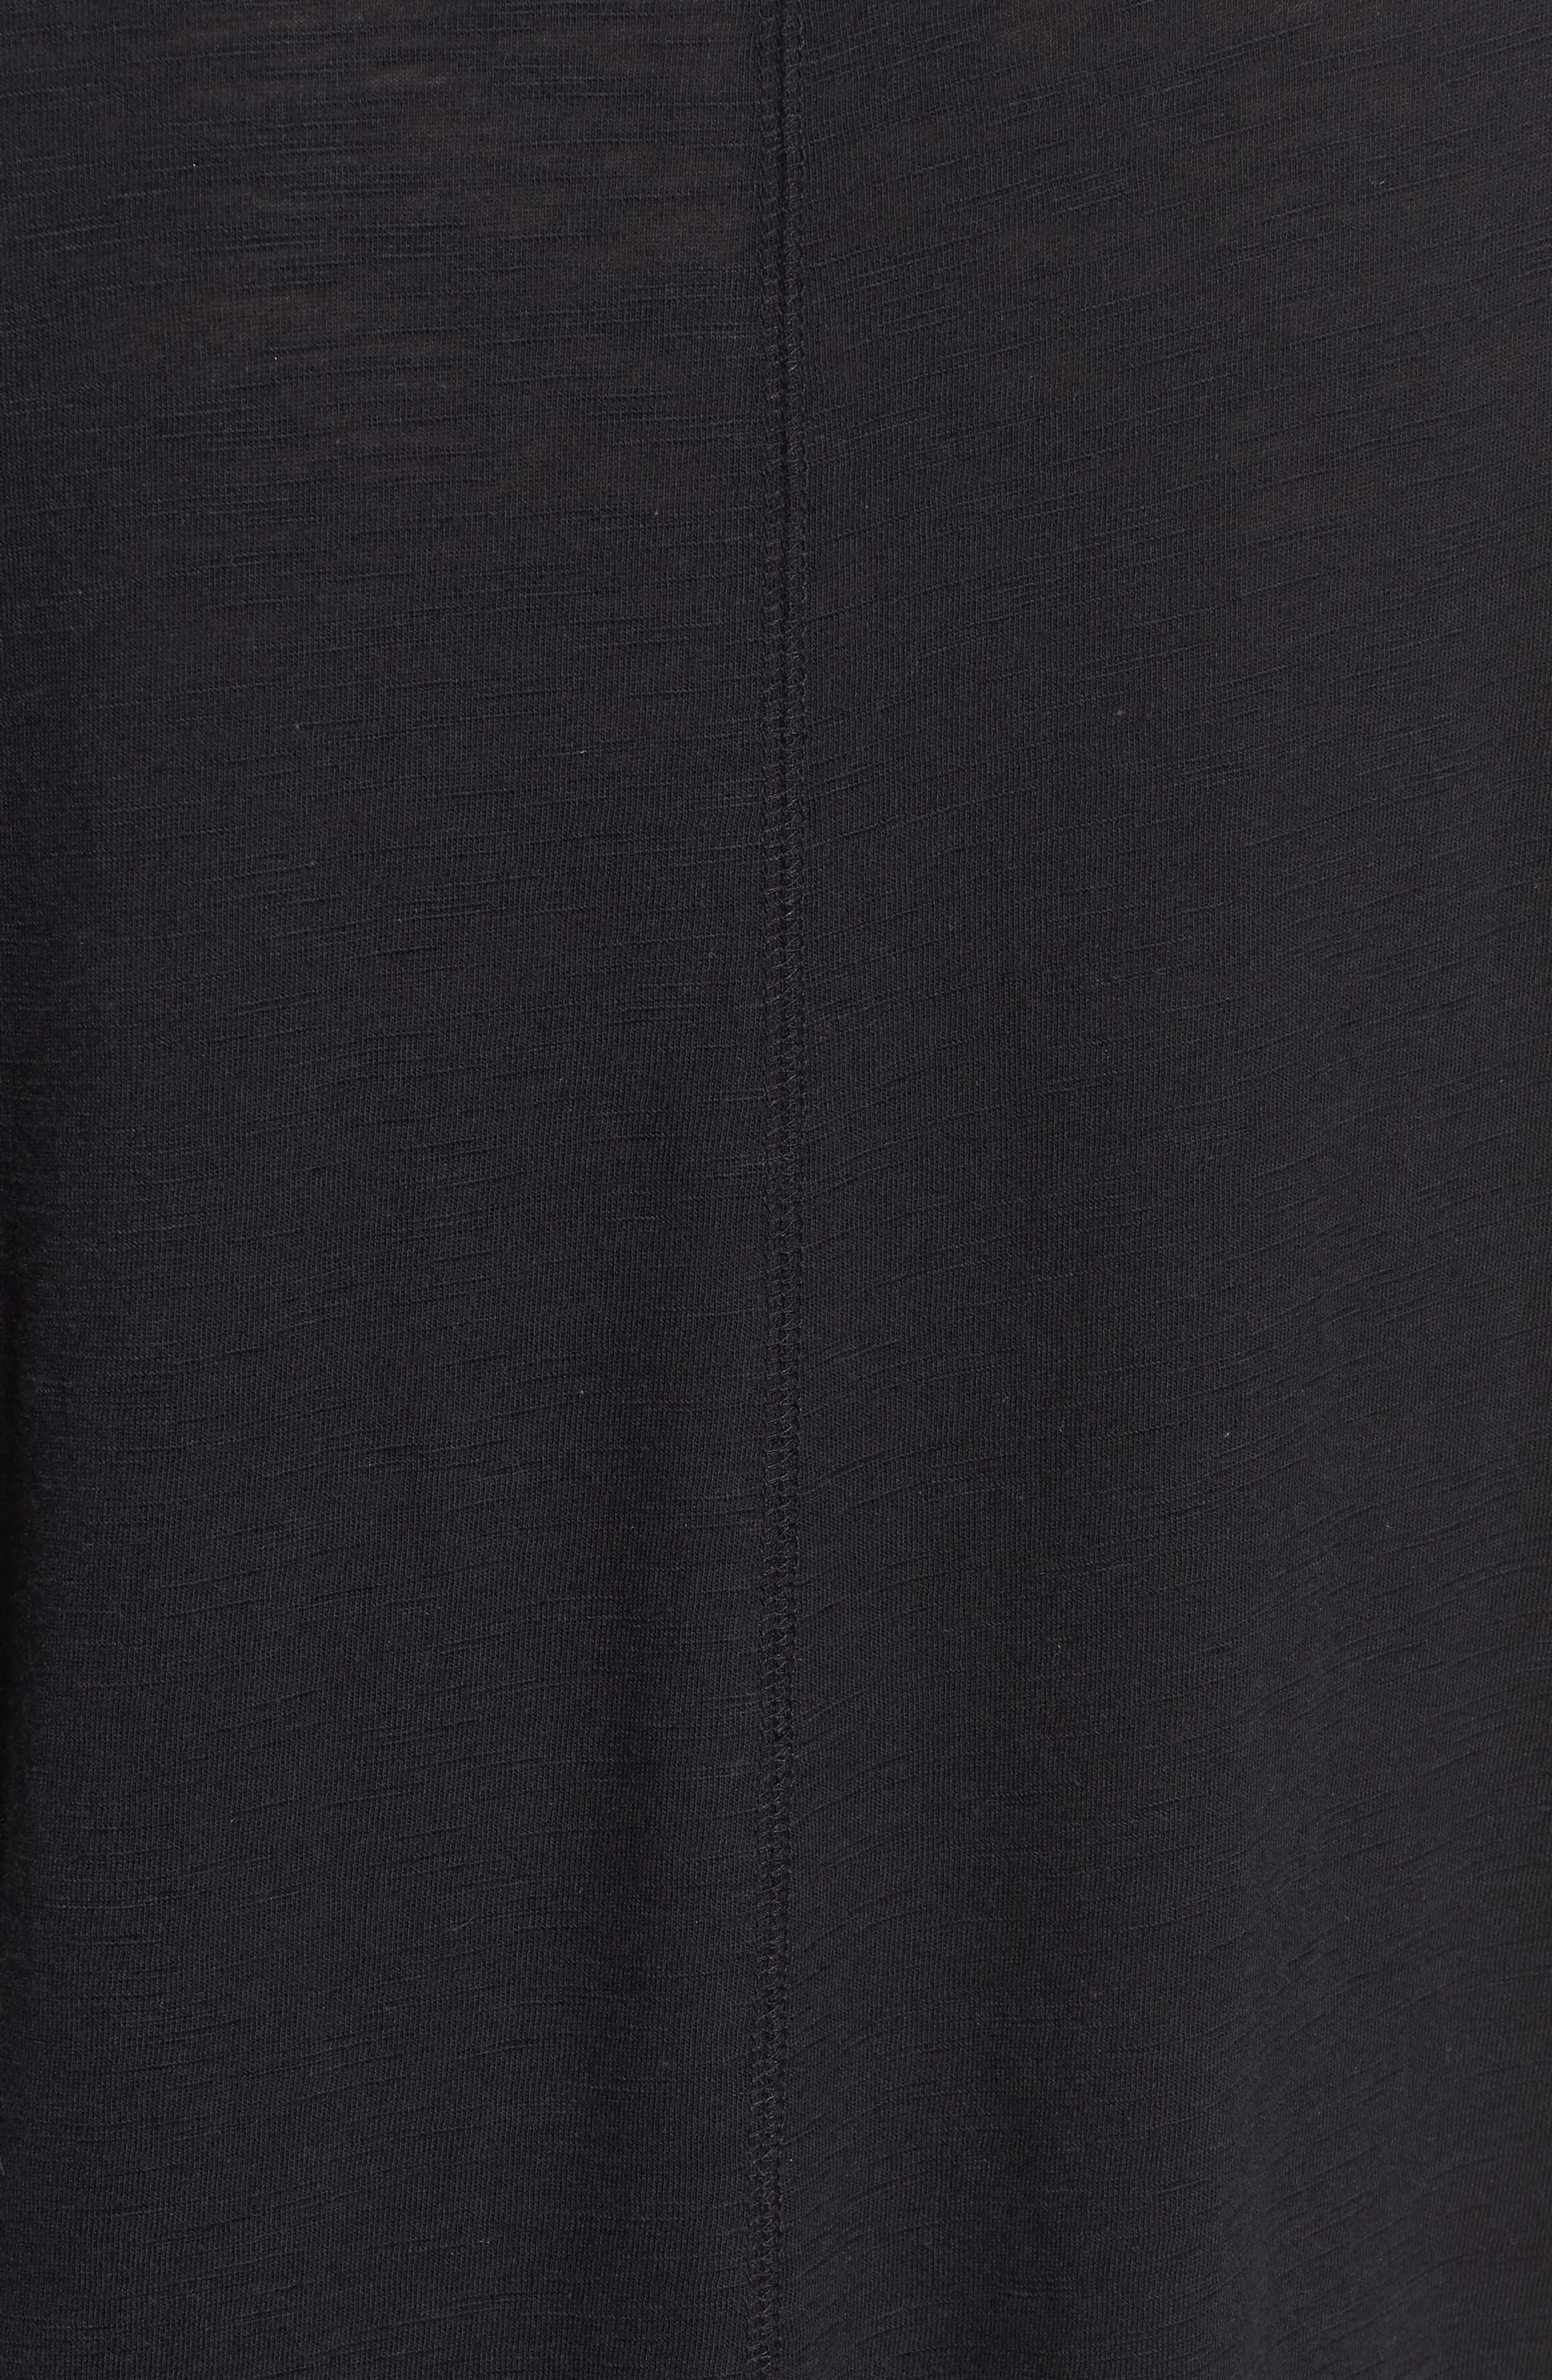 Dolman Sleeve Slub Knit Tee,                             Alternate thumbnail 5, color,                             001